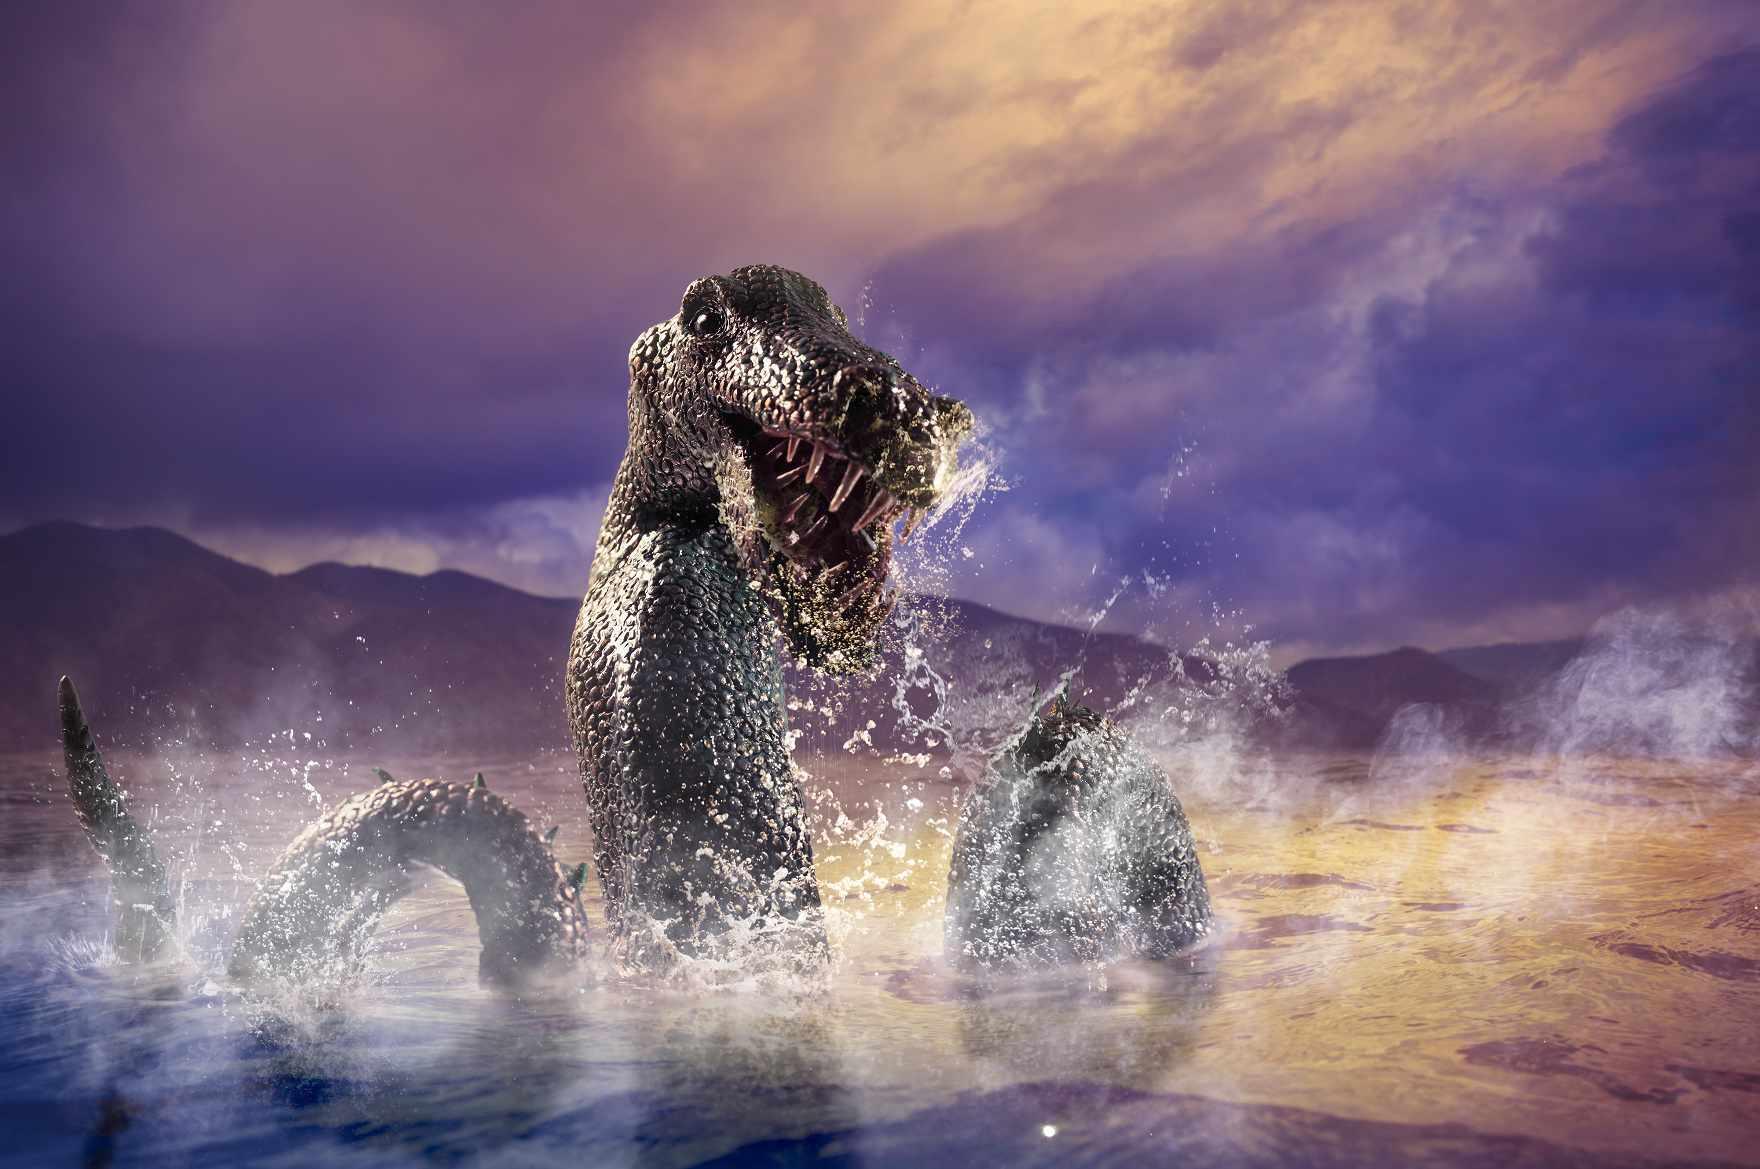 Stylized artist rendering of the Loch Ness Monster looking fierce.